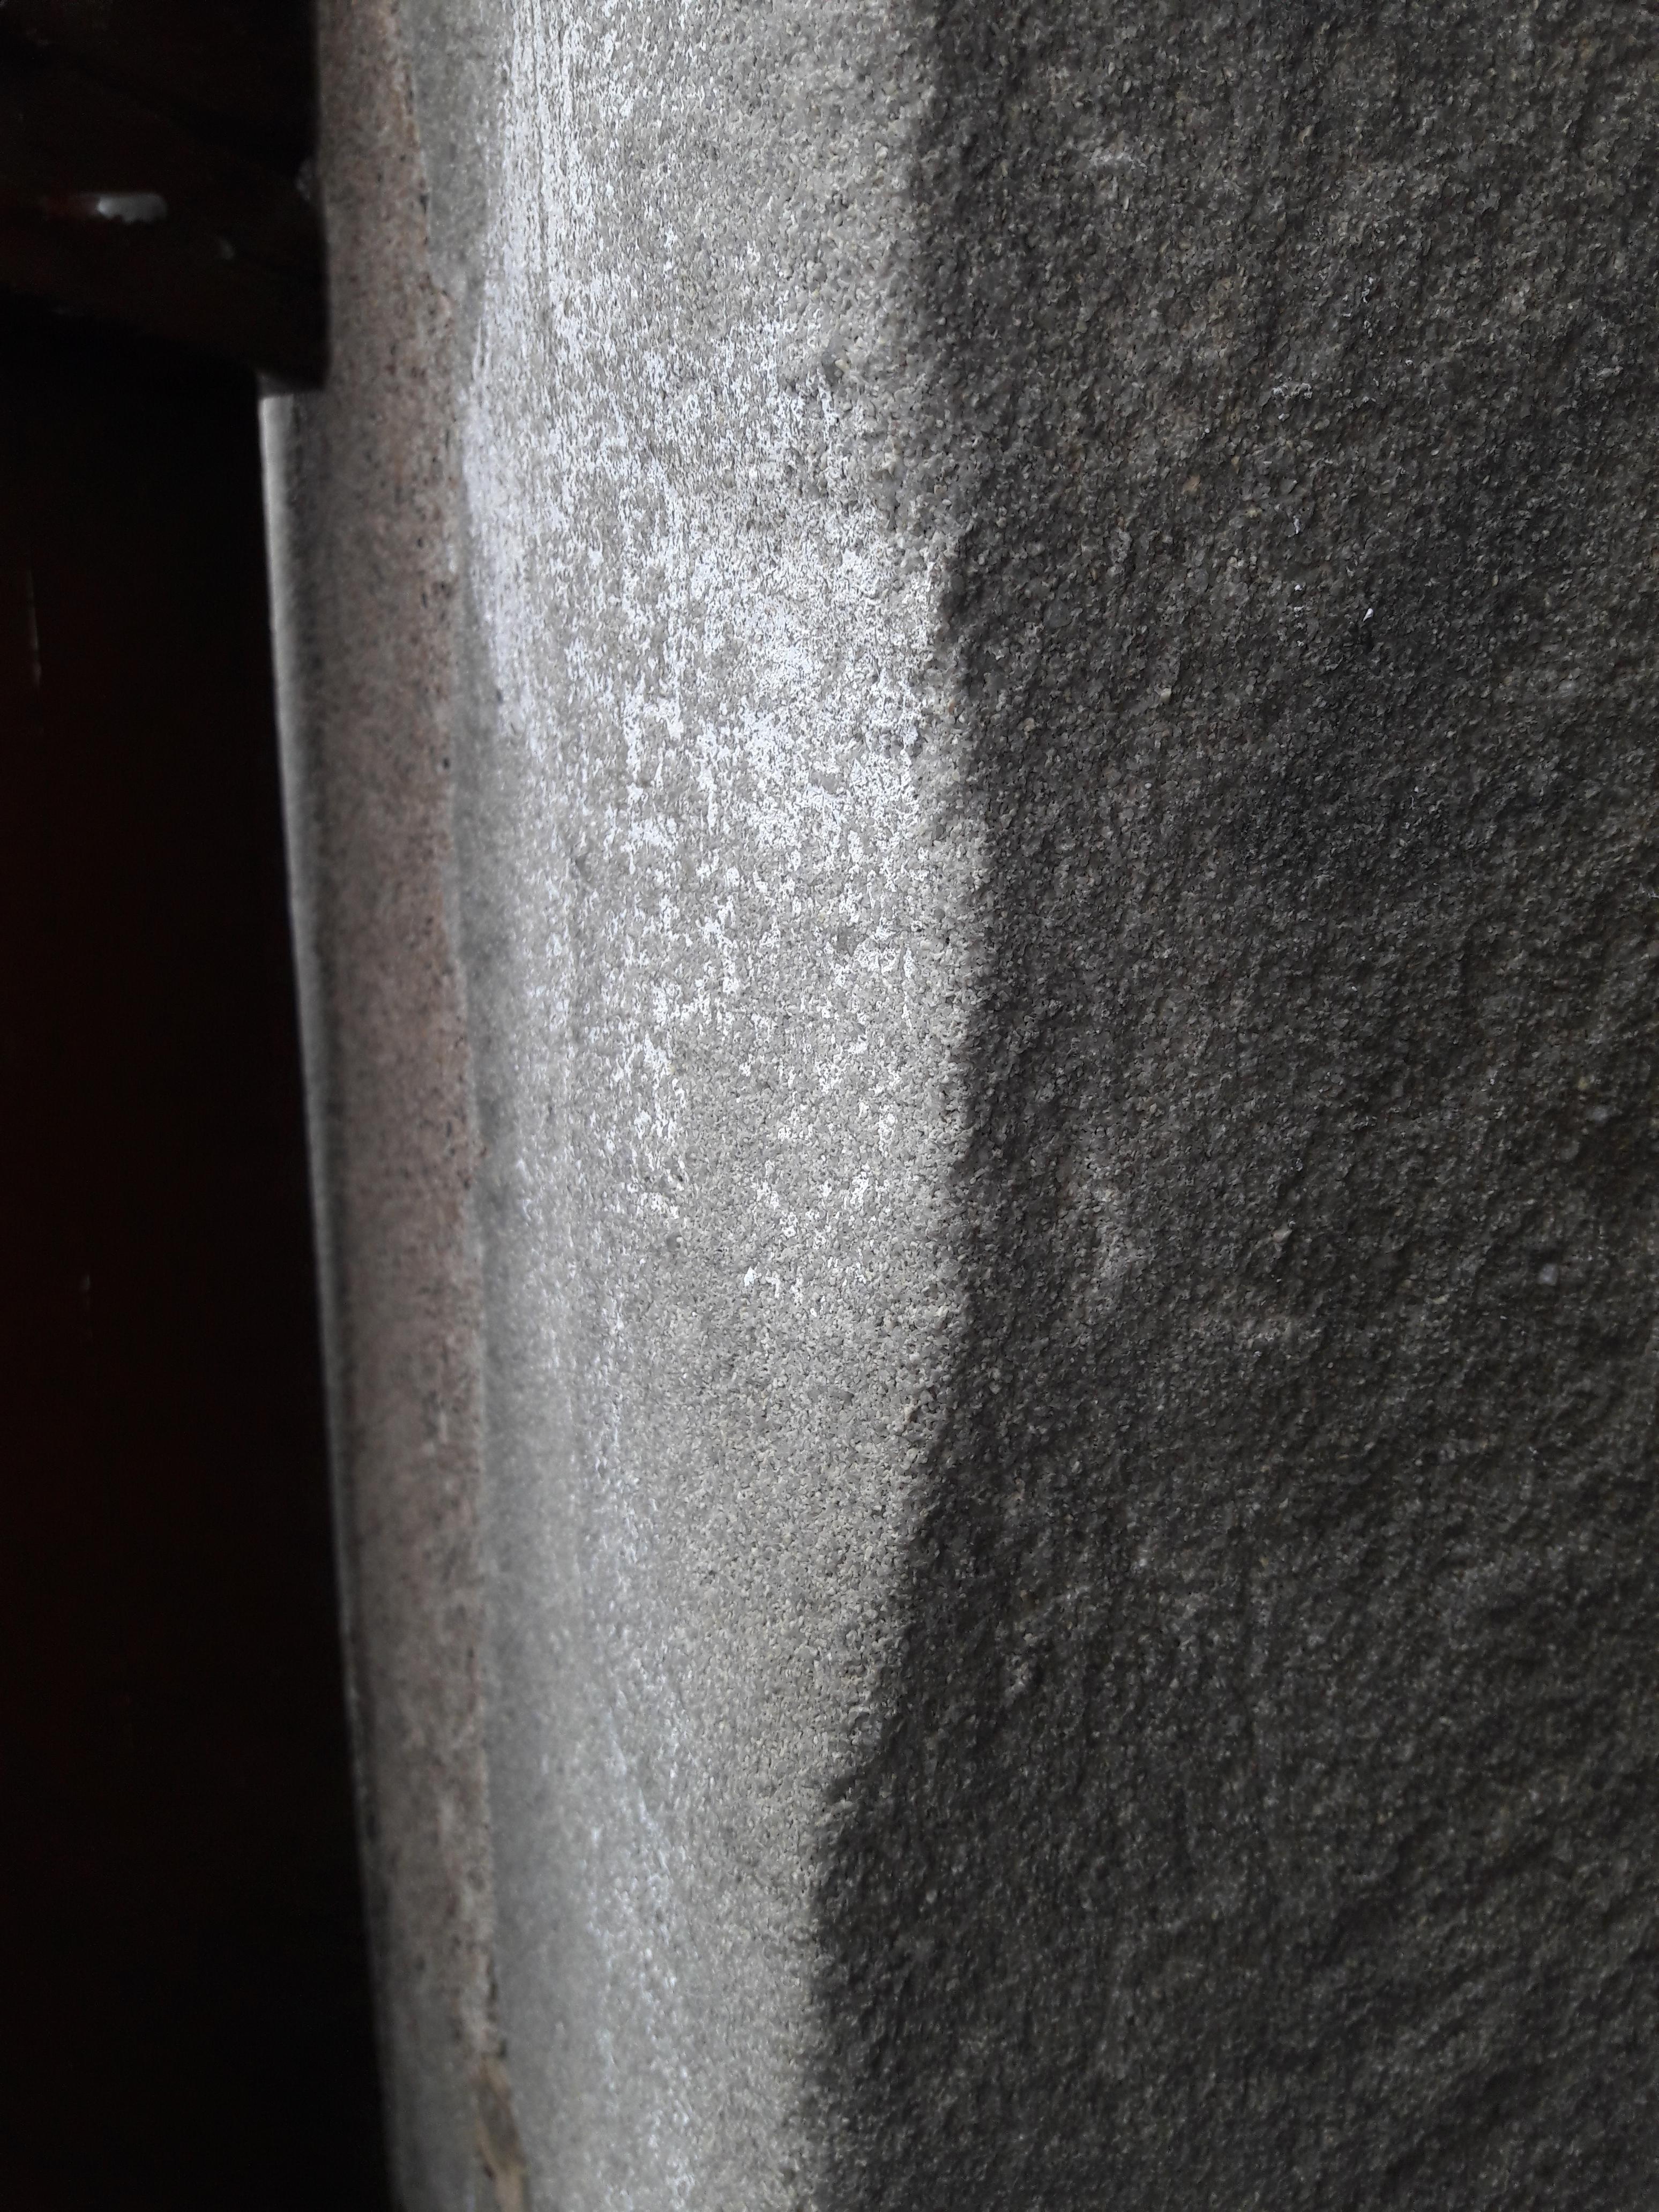 w21Wy.jpg (3096×4128)